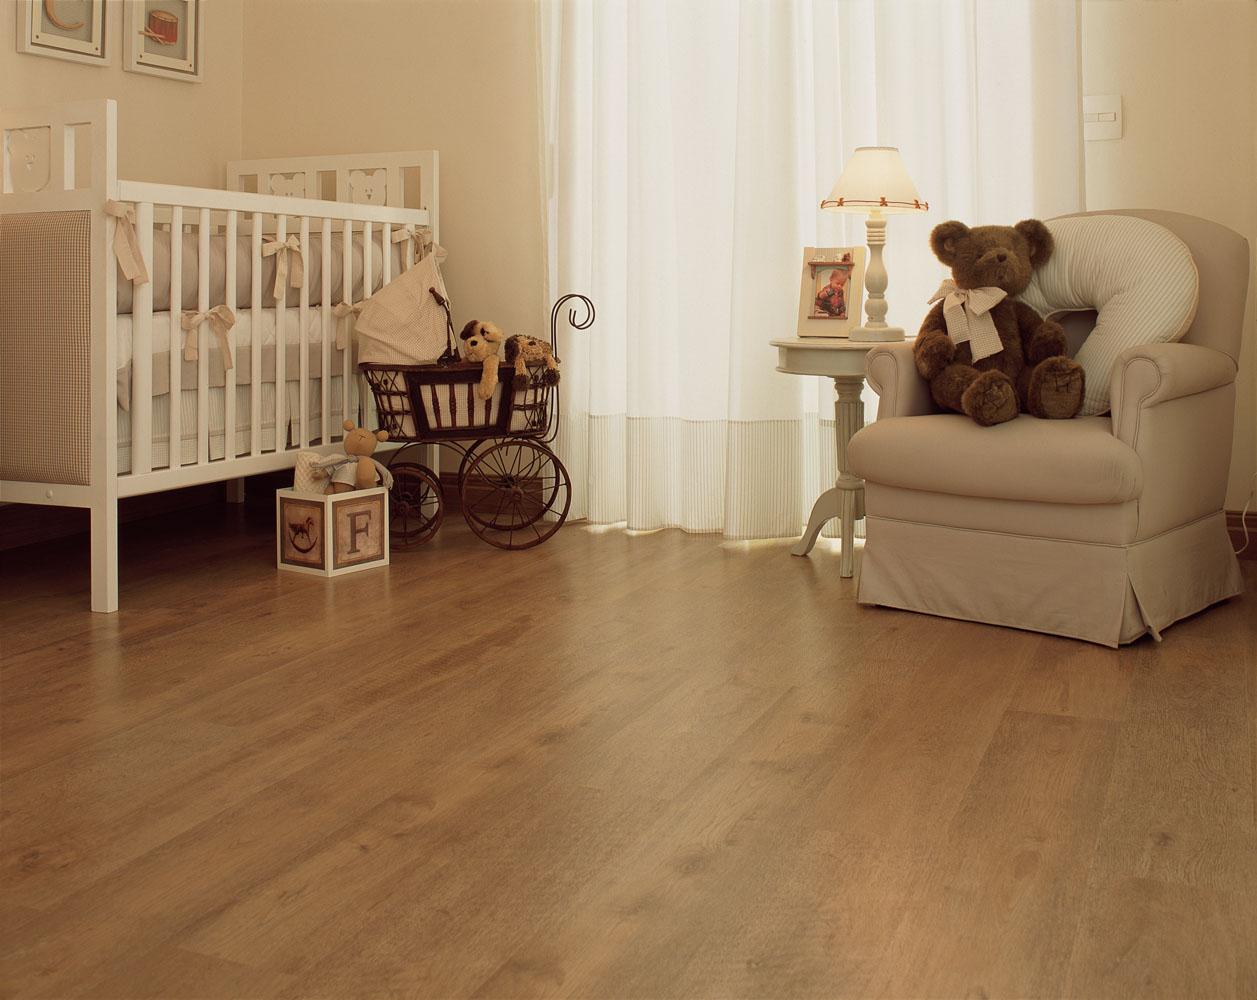 Resultado de imagem para piso laminado bebe